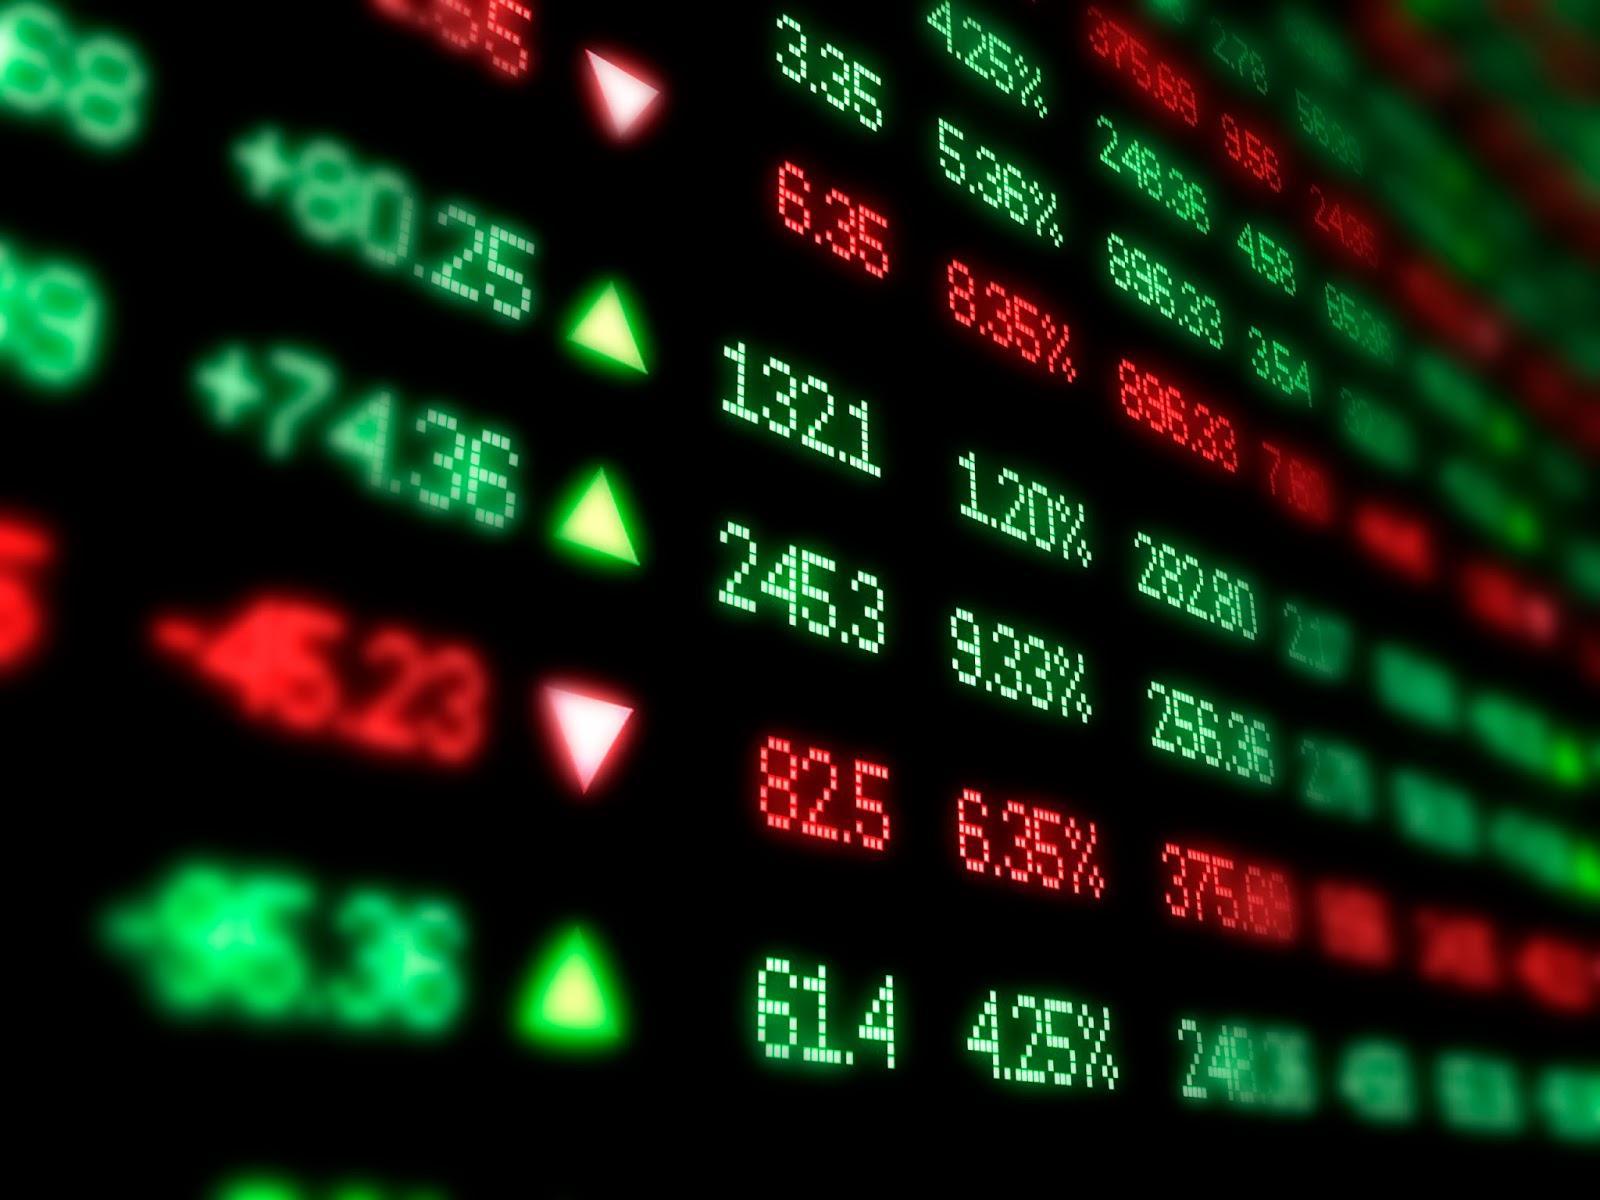 Nhịp đập Thị trường 25/10: Giảm sâu, VN-Index áp sát 670 điểm